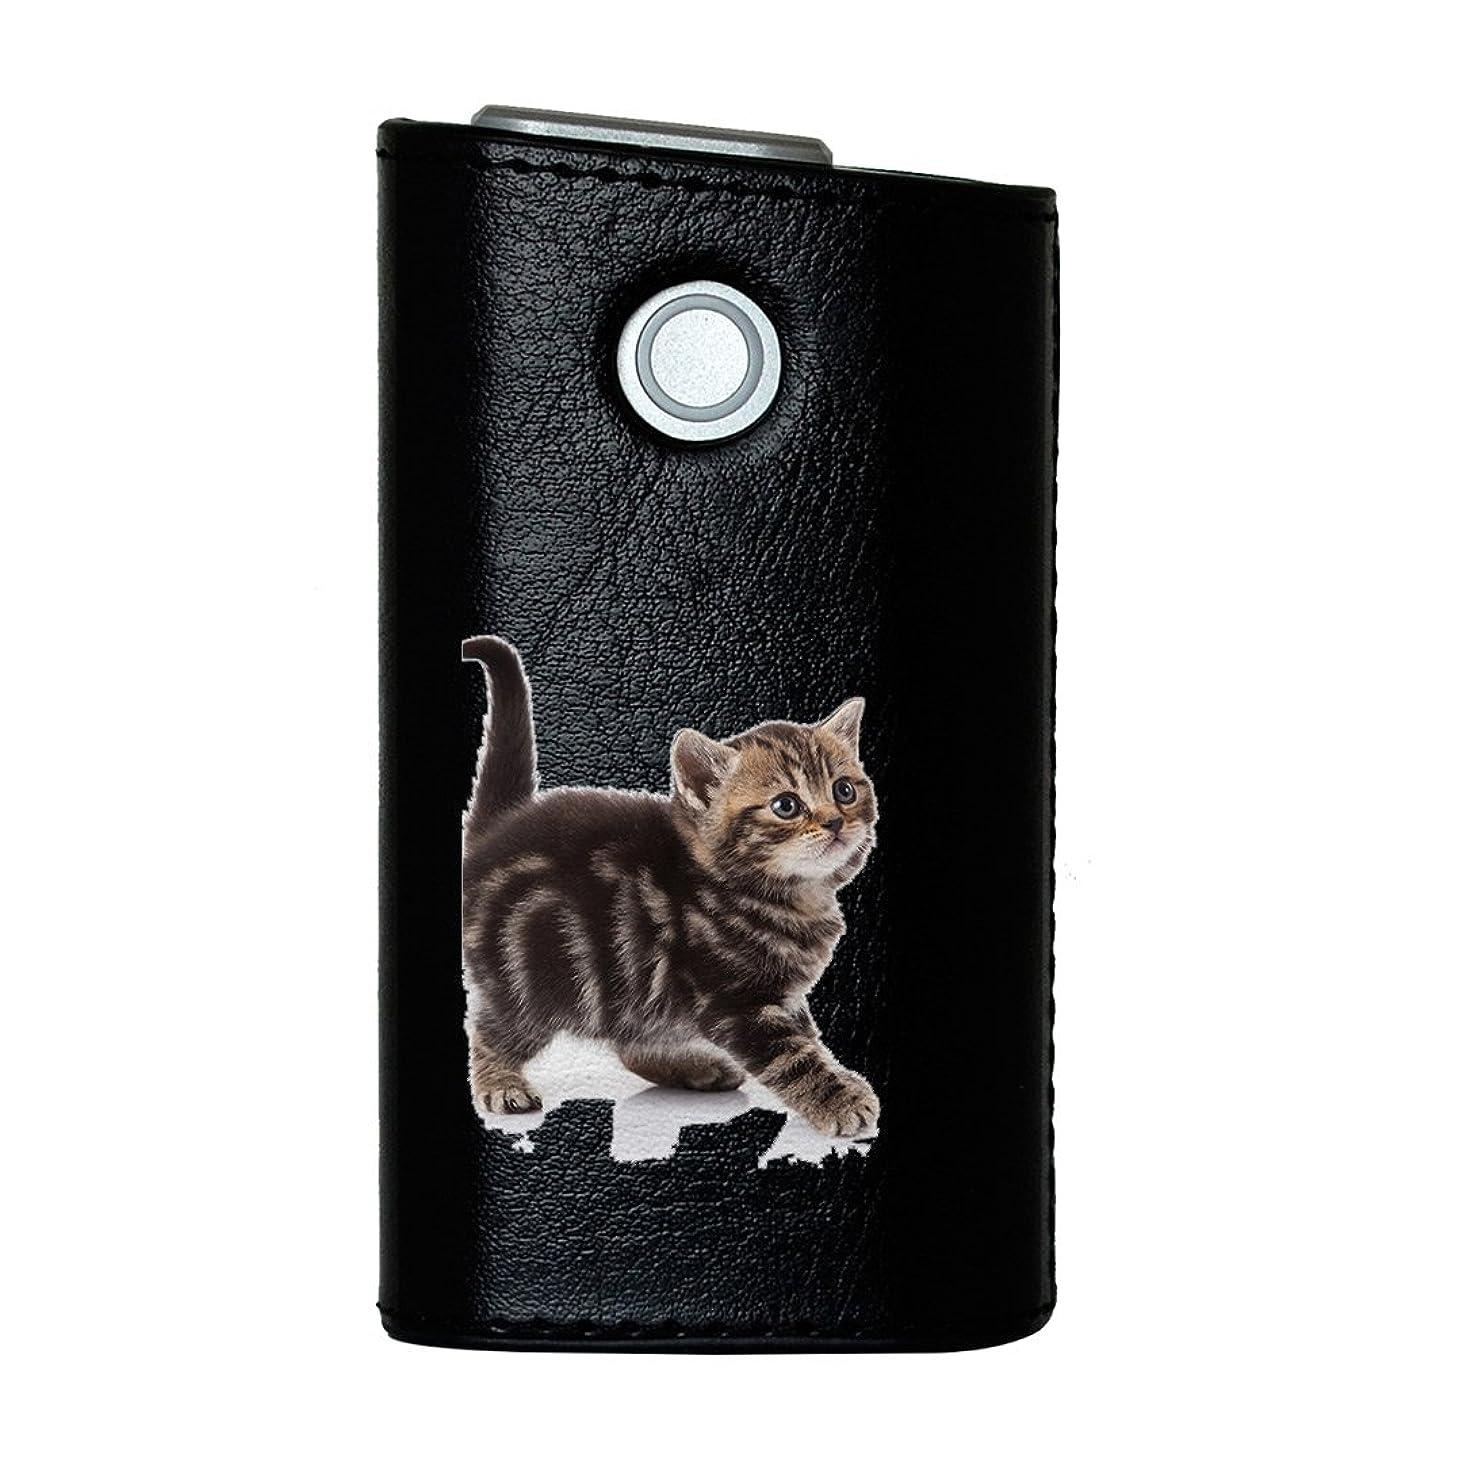 十分に麻痺改善glo グロー グロウ 専用 レザーケース レザーカバー タバコ ケース カバー 合皮 ハードケース カバー 収納 デザイン 革 皮 BLACK ブラック アニマル 写真?風景 写真 動物 猫 ねこ 005930